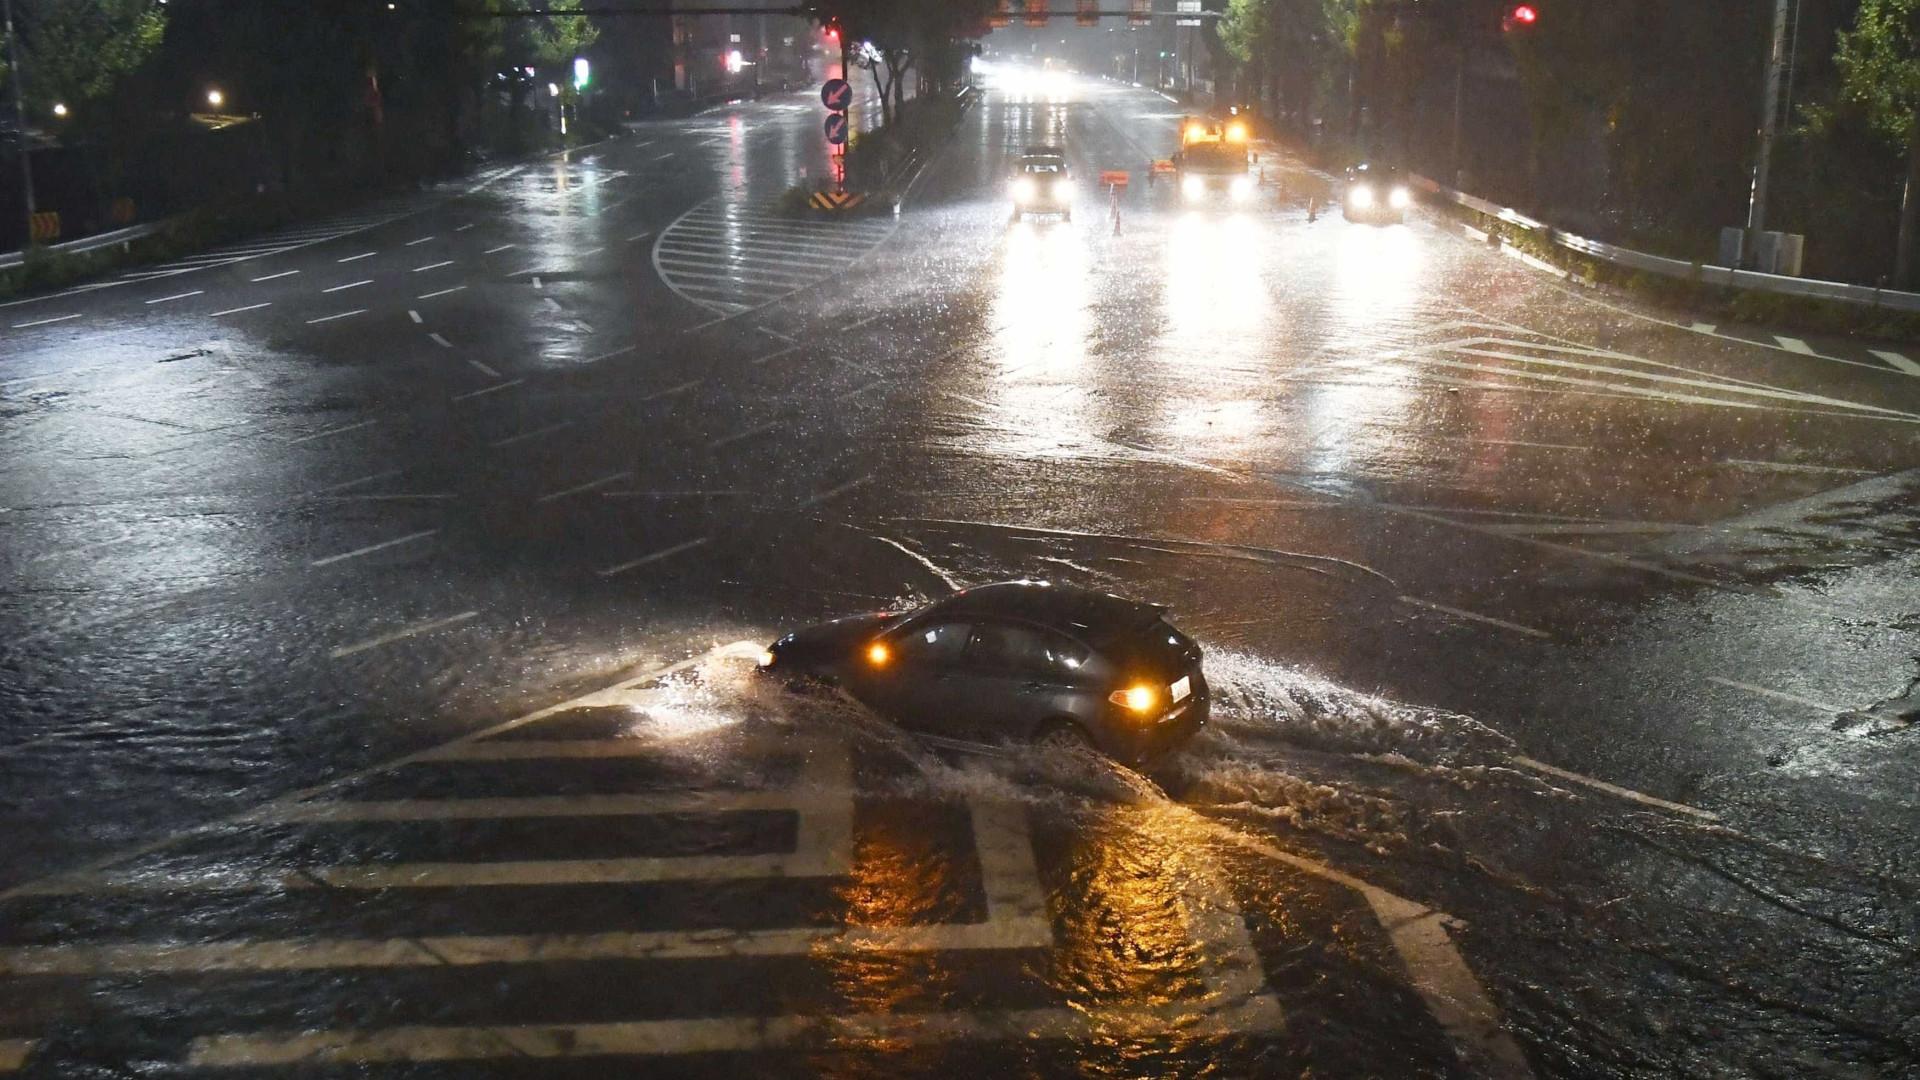 Rio de Janeiro viveu noite de alagamentos e engarrafamentos